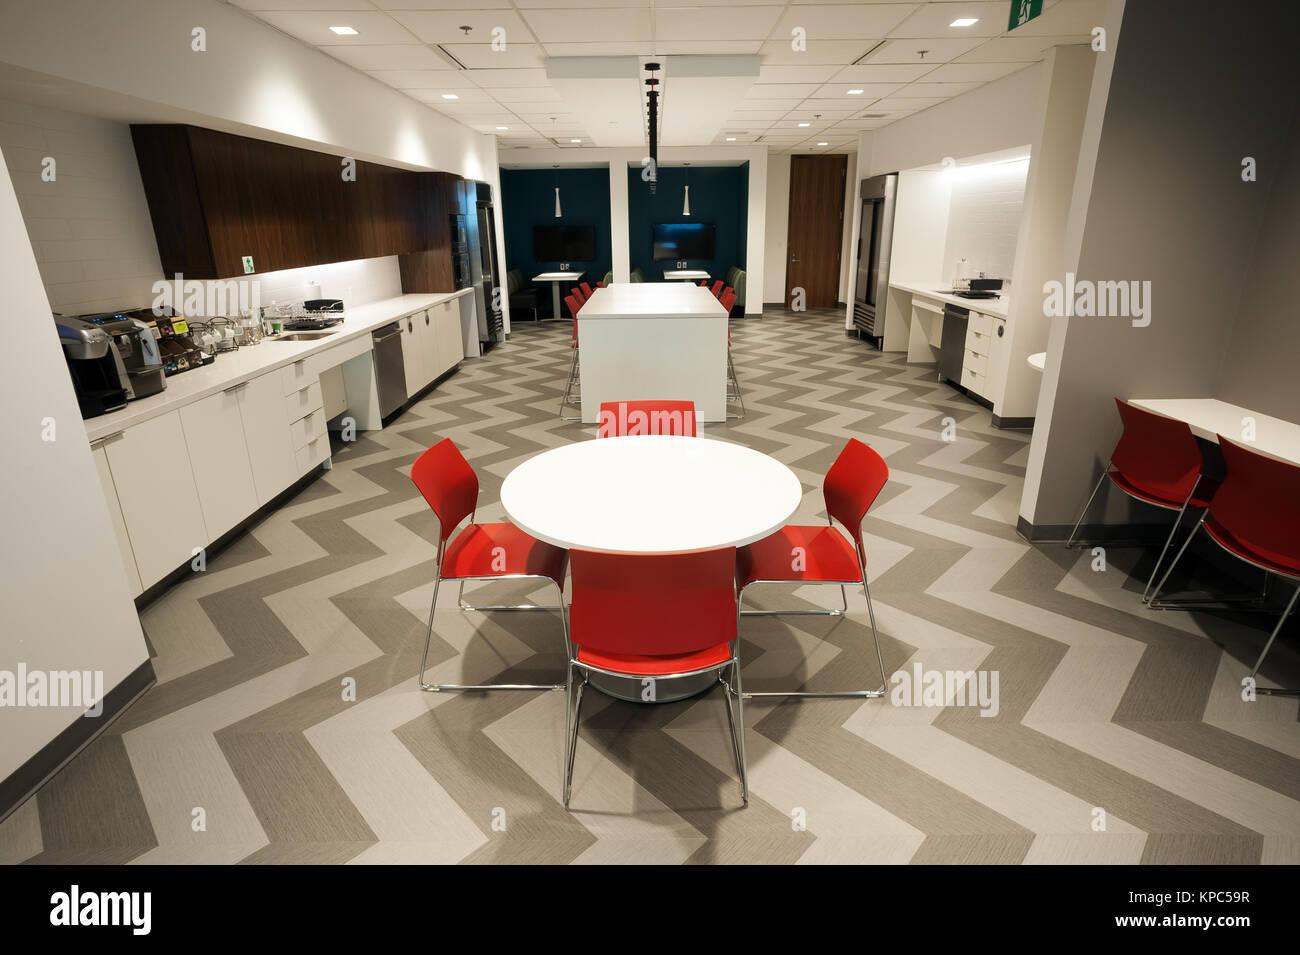 Office Interior Kitchen Staff Room Stockfotos & Office Interior ...